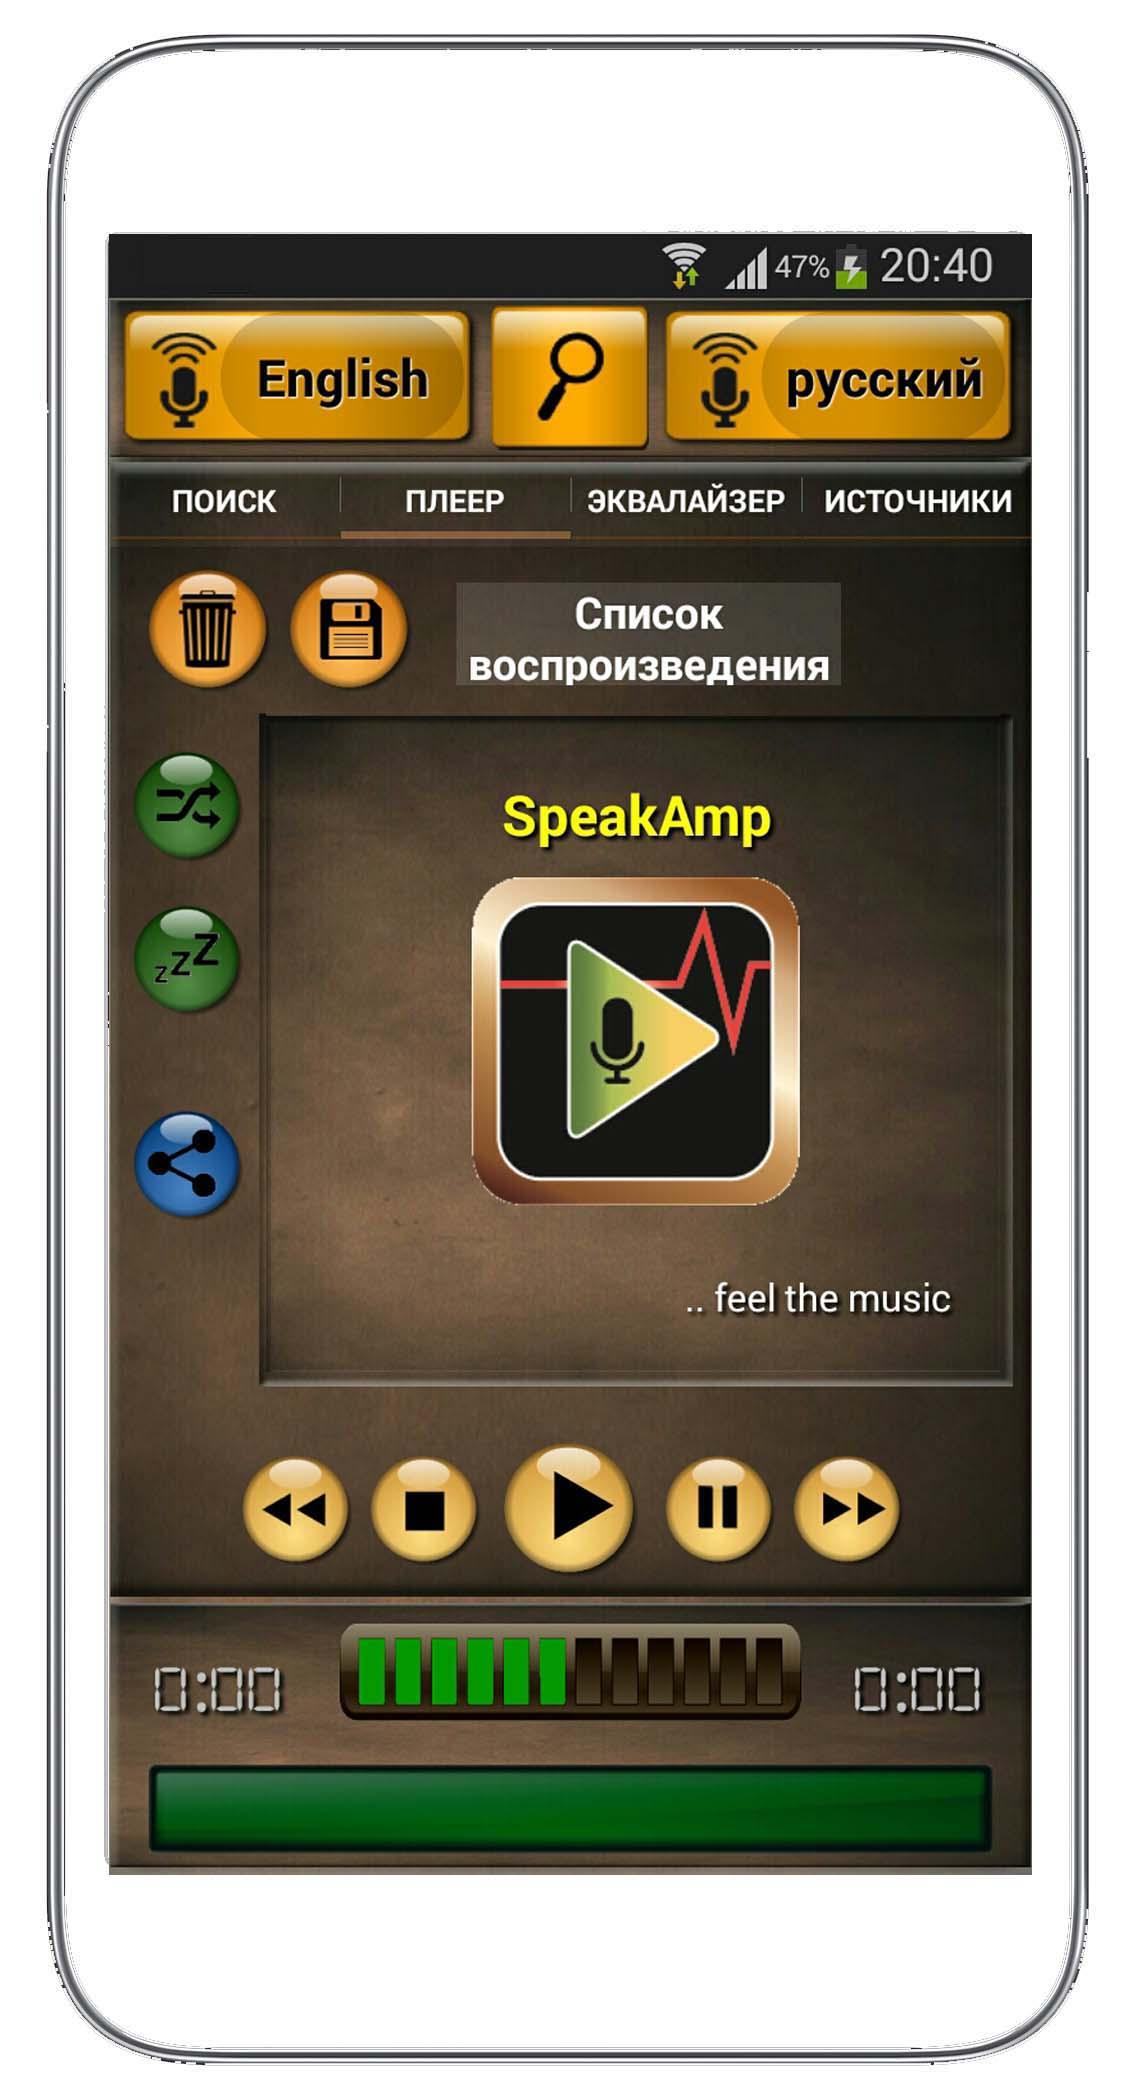 speakamp start-ru